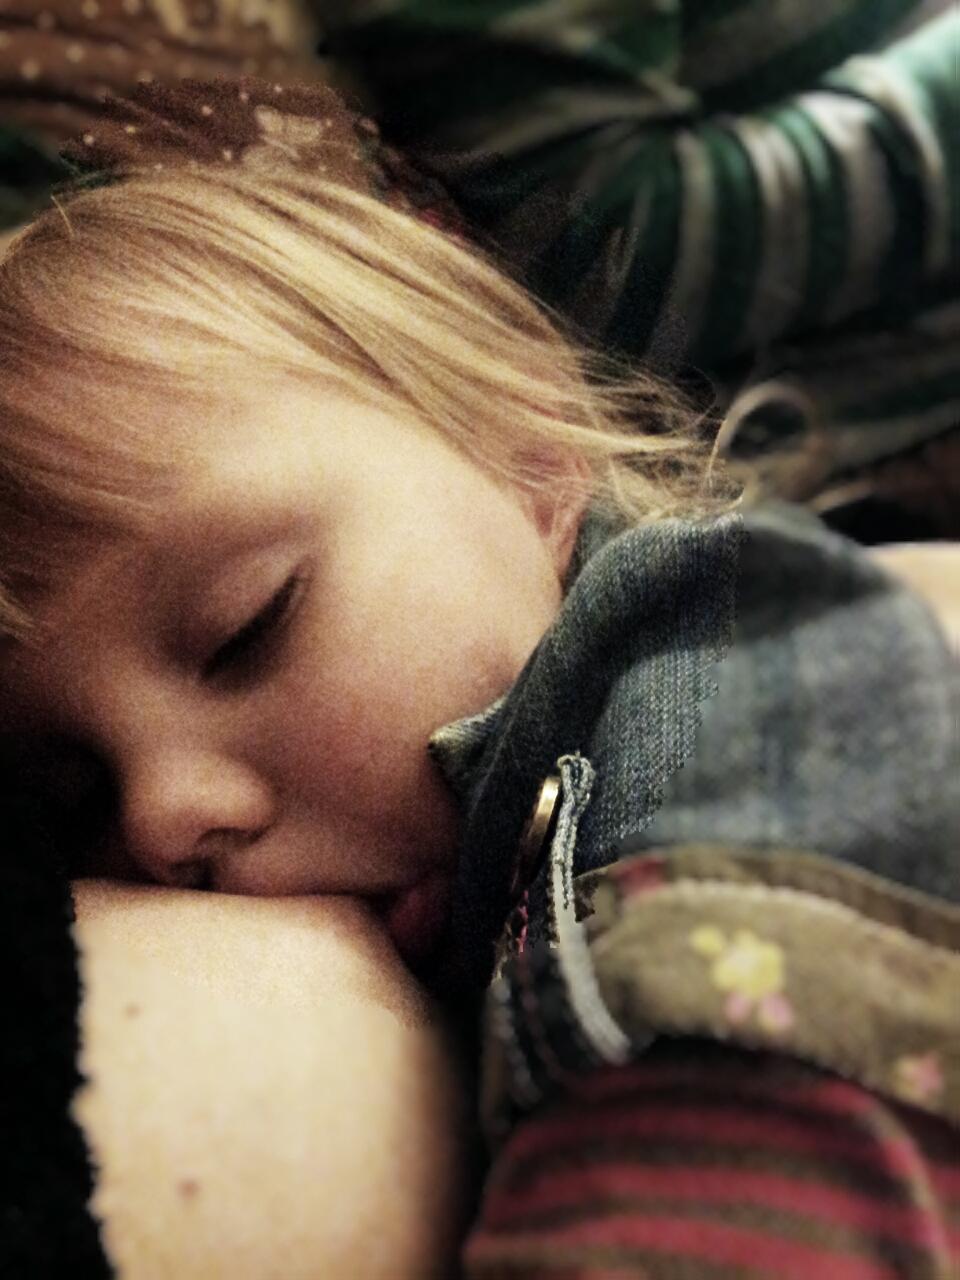 My sleepy nursling